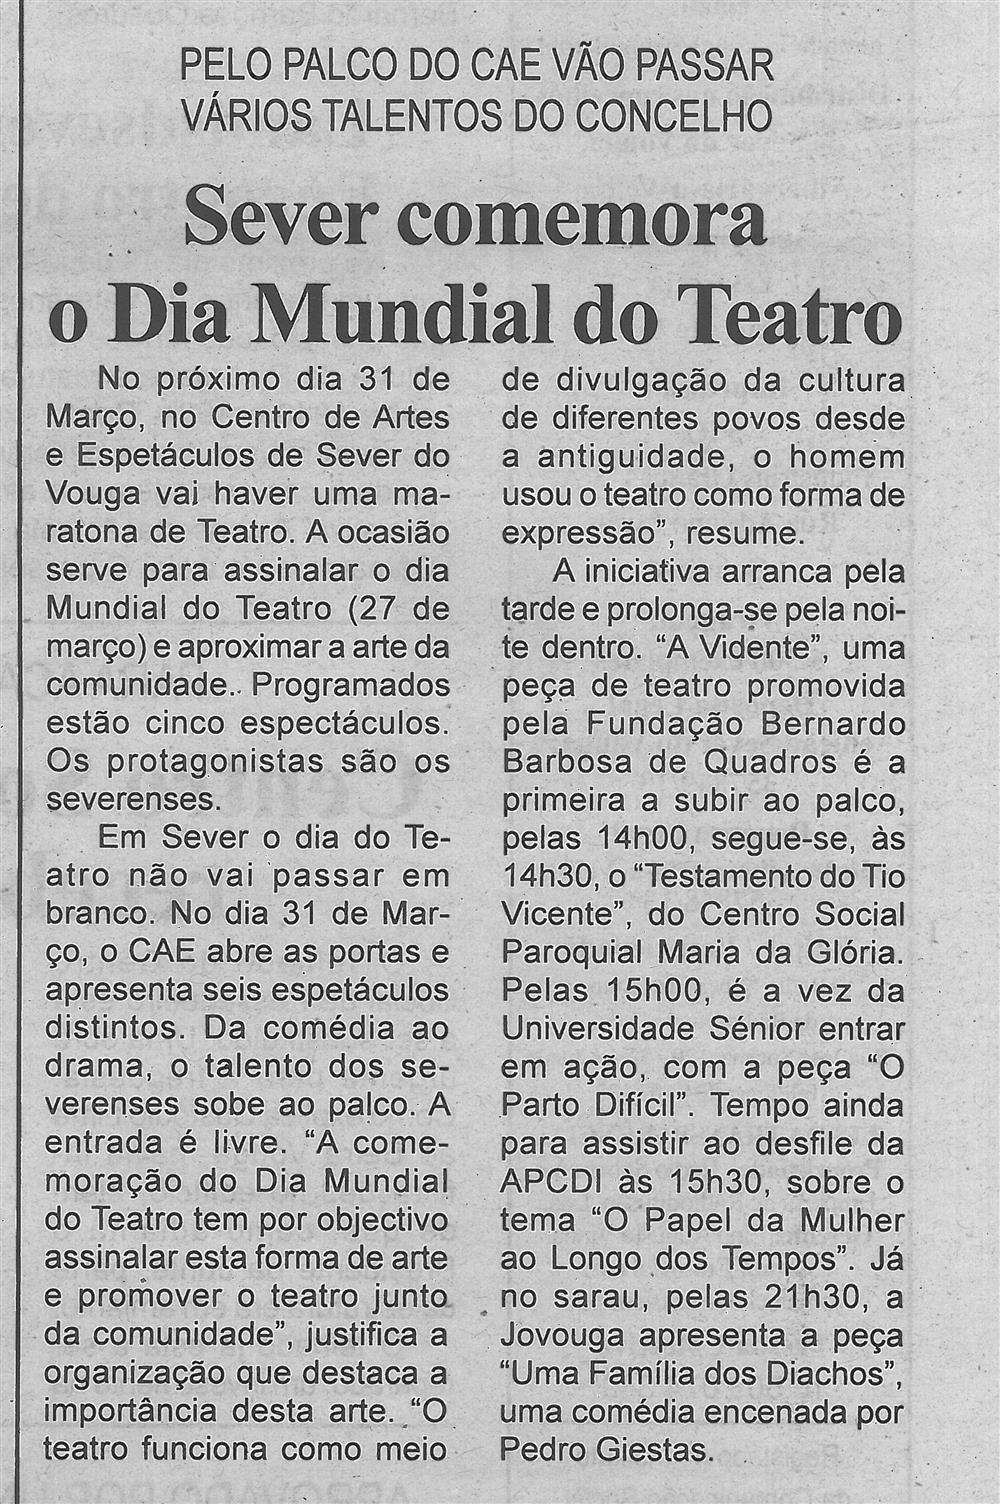 BV-2.ªMar.'16-p.3-Sever comemora o Dia Mundial do Teatro : pelo palco do CAE vão passar vários talentos do concelho.jpg